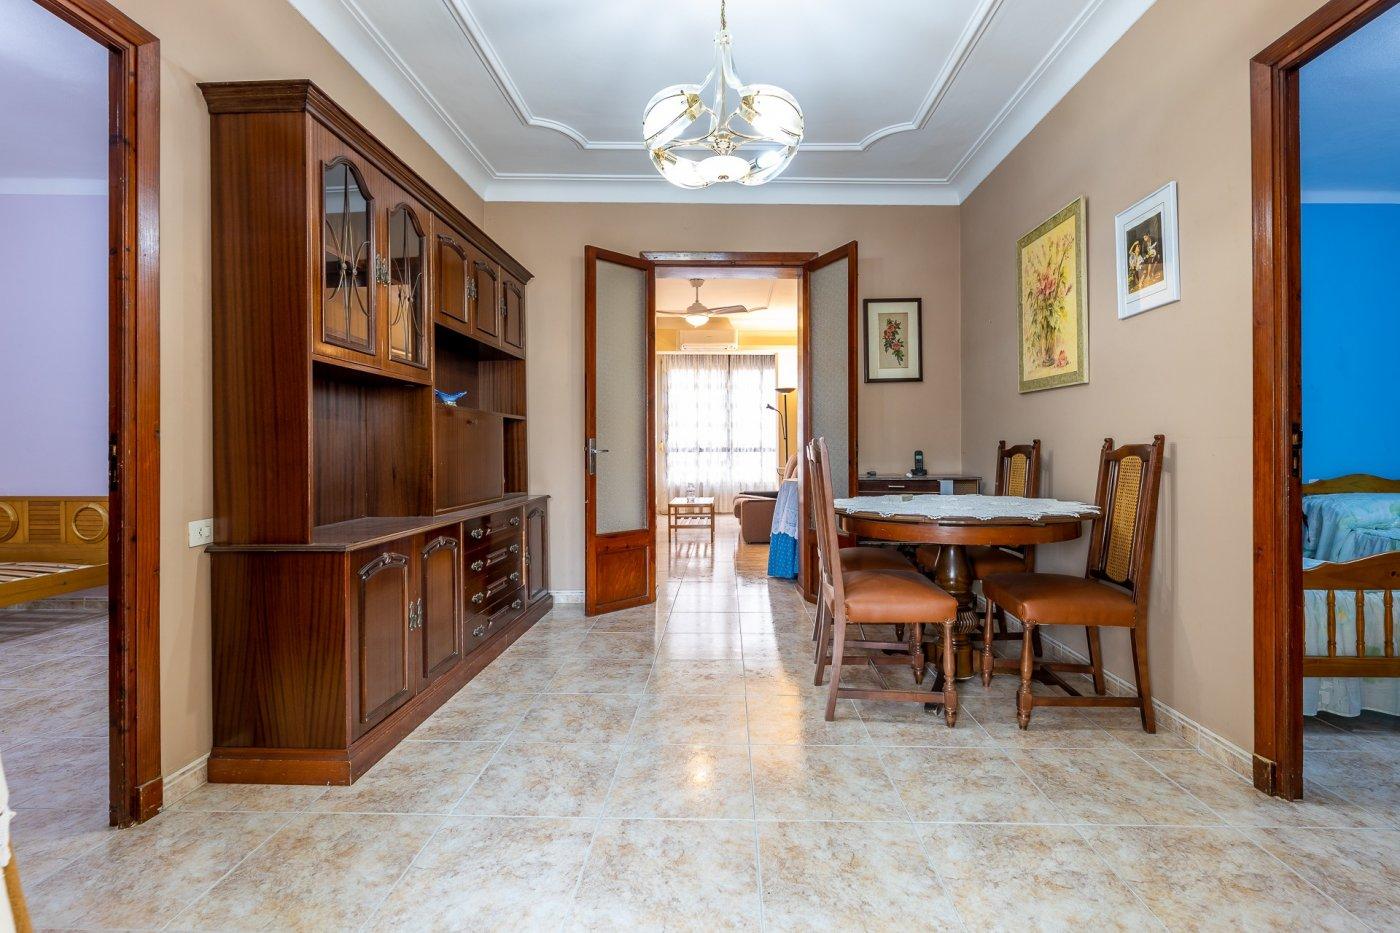 Primer piso de 107 m² de superficie en buen estado en la zona de camp redó, palma de mallo - imagenInmueble4